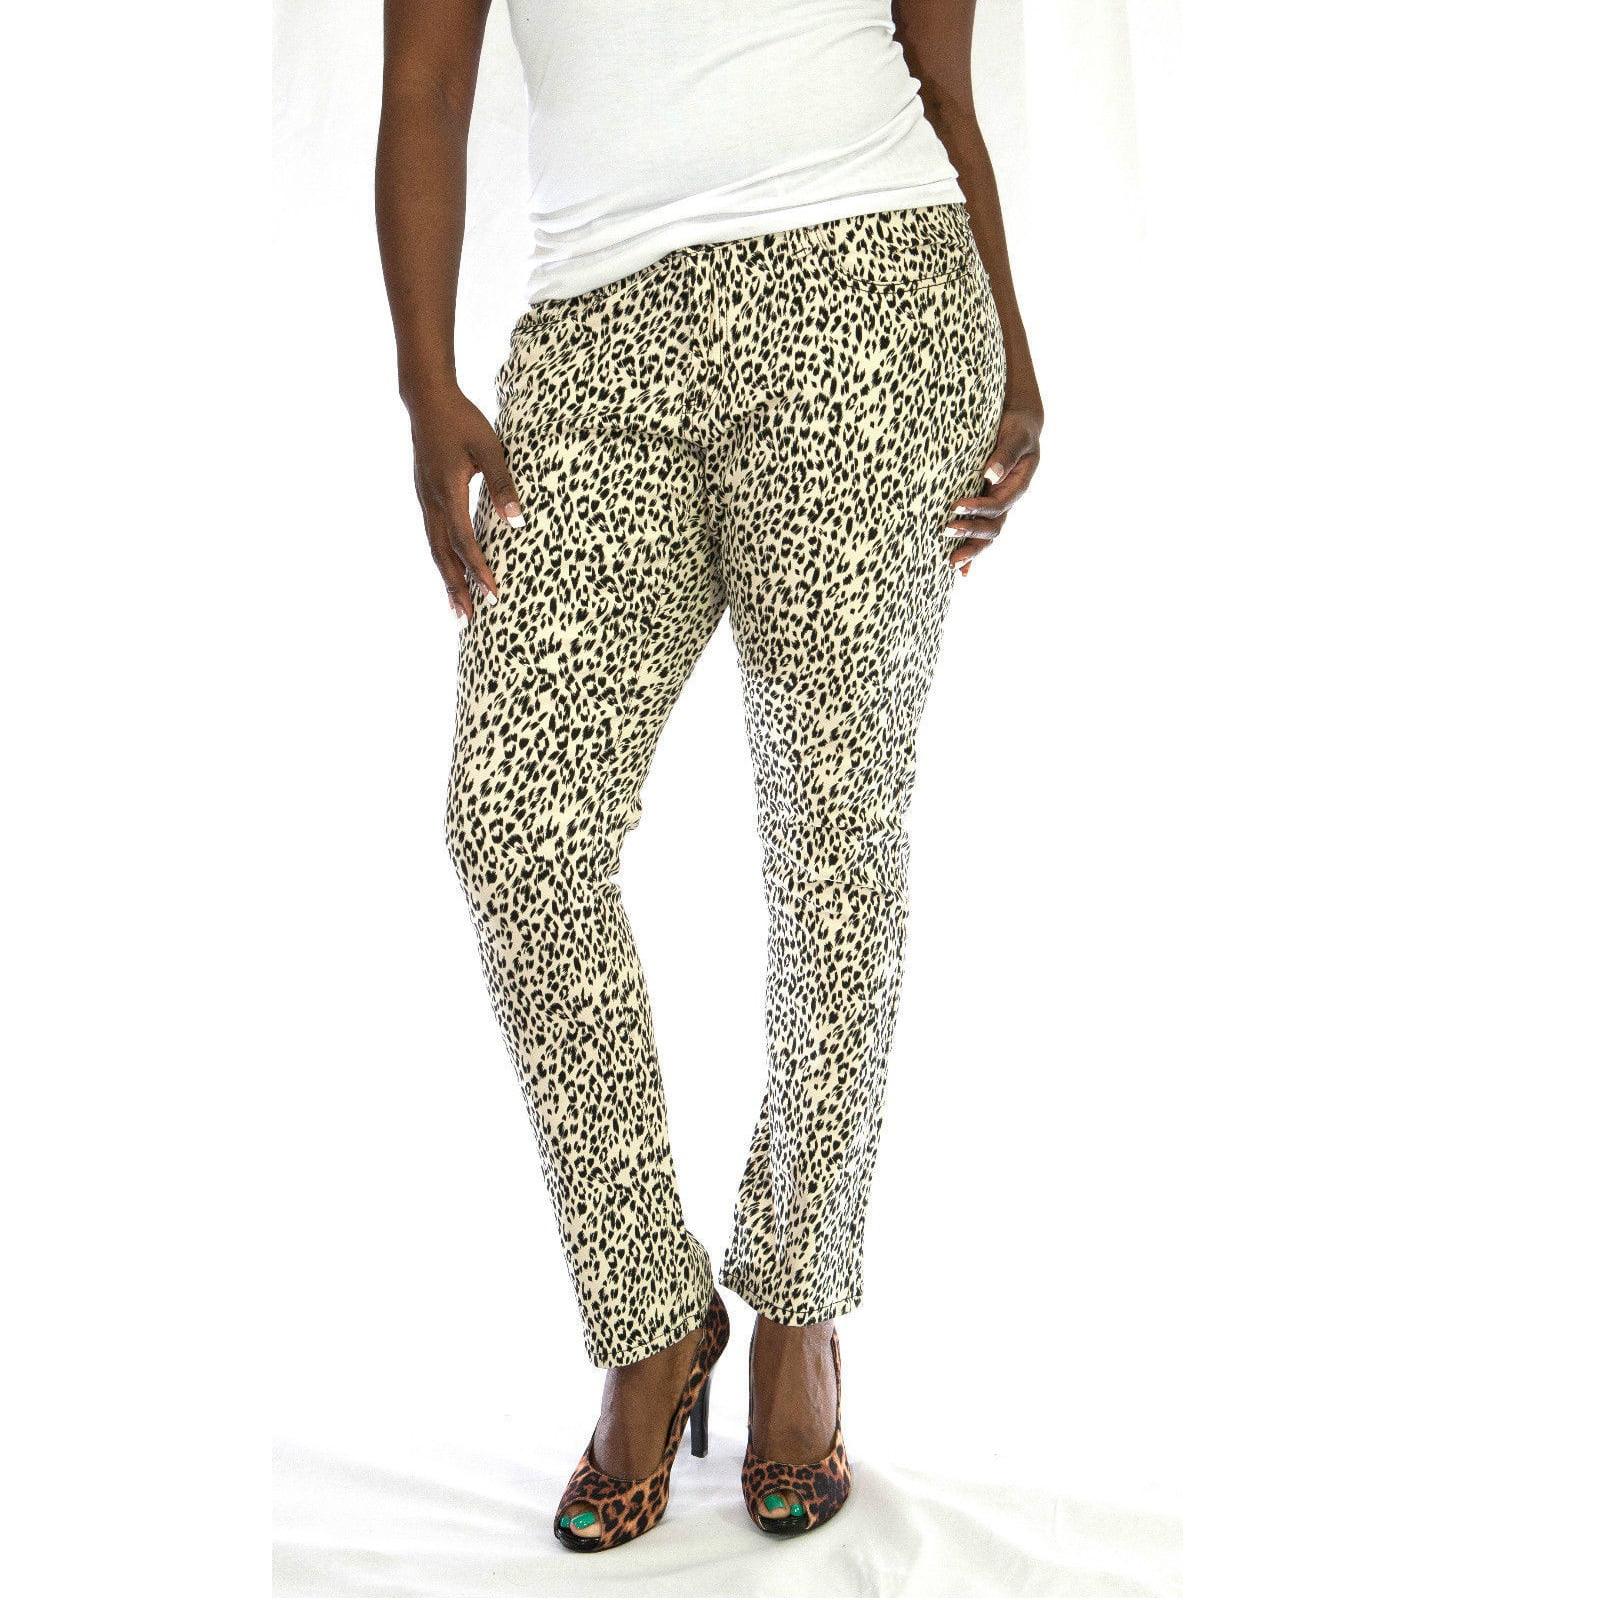 LP Womens Plus Size Leopard Cheetah Print Stretch Twill Denim Jeans Skinny Pants